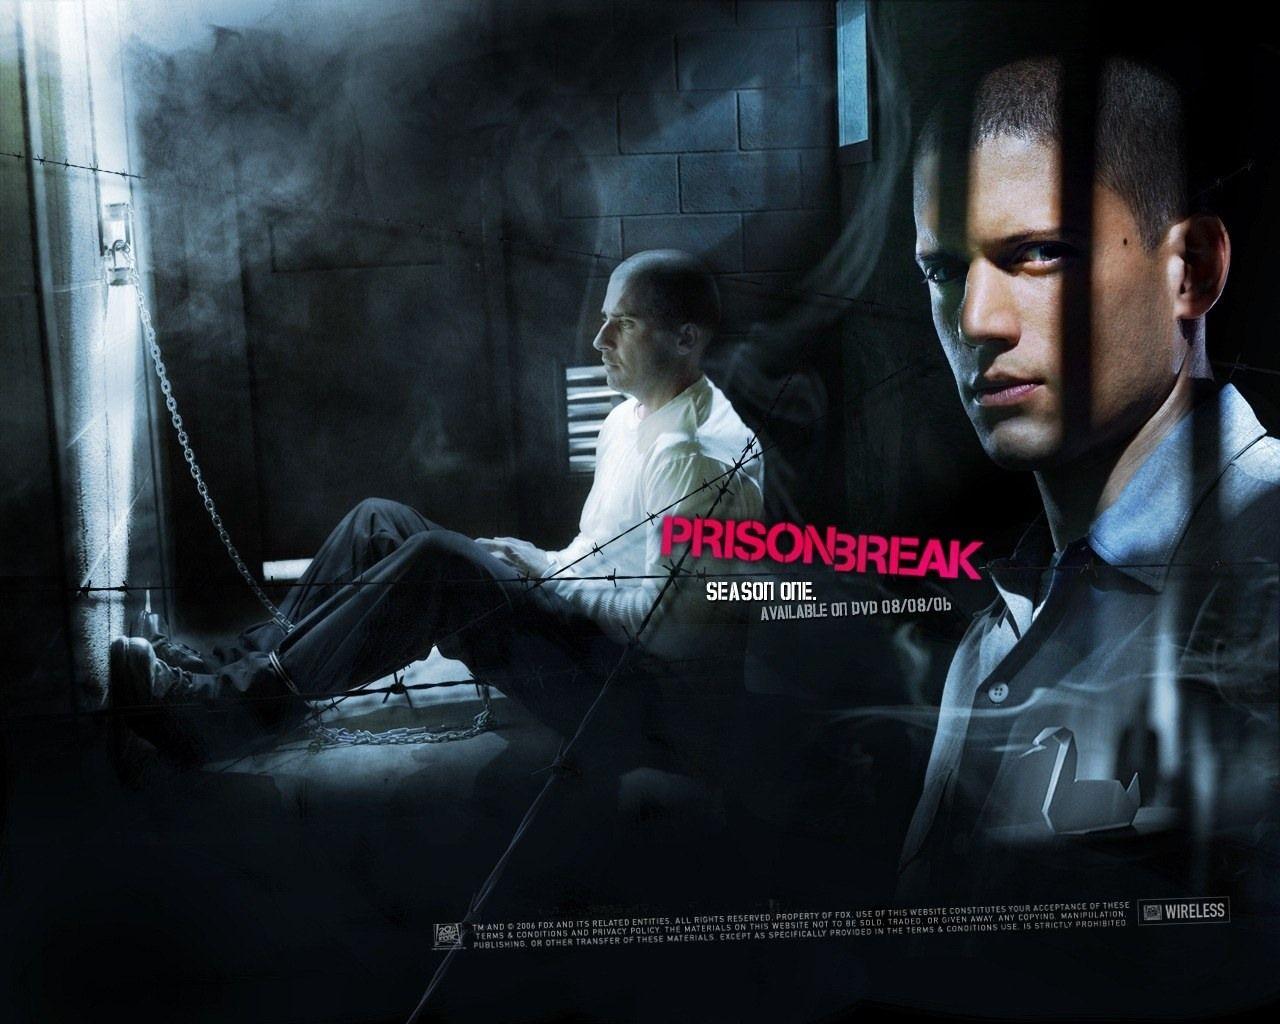 Wallpaper Prison Break Prison Break Hd Wallpapers Prison Break